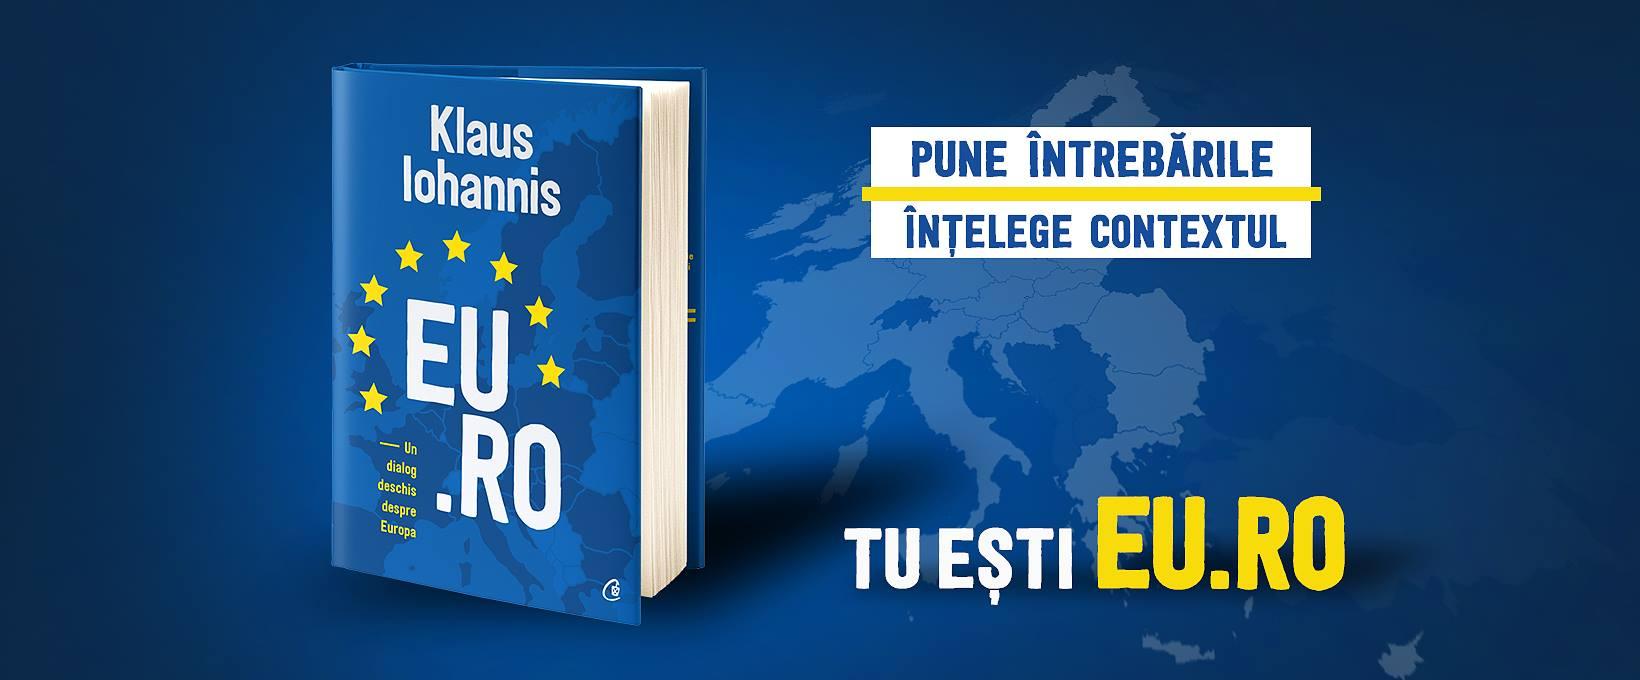 """Klaus Iohannis răspunde celor mai importante întrebări despre Uniunea Europeană într-o nouă carte: """"EU.RO – un dialog deschis despre Europa"""""""